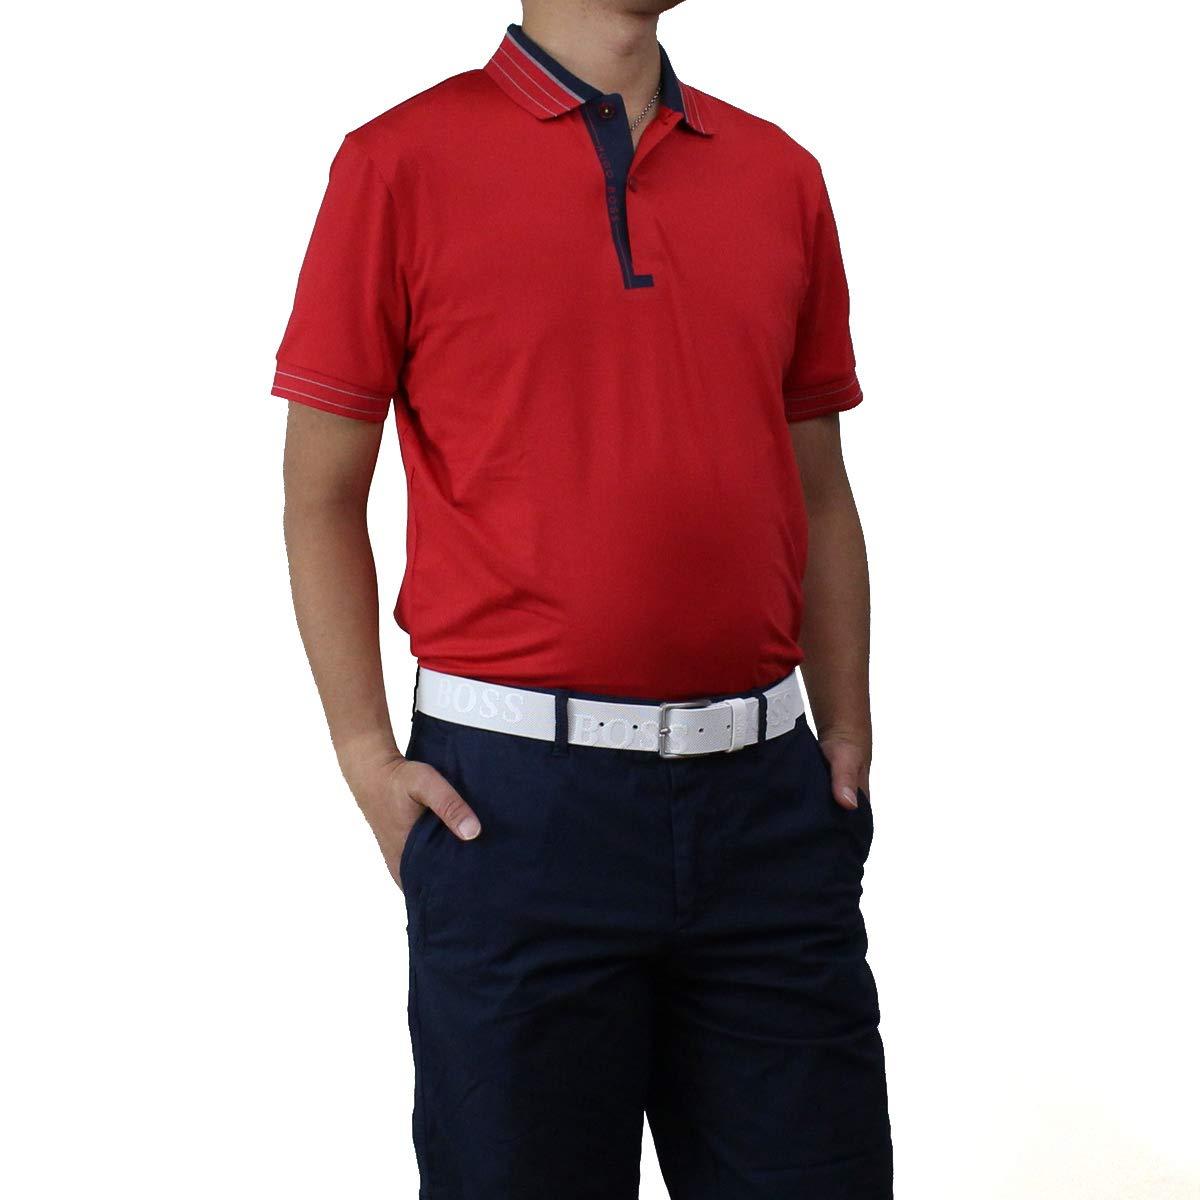 ヒューゴ ボス HUGO BOSS PADDY PRO 1 パディ プロ ポロシャツ 半袖 ゴルフウェア 50403515 10208323 622 レッド系 サイズ:#S [並行輸入品]   B07SR8TK65